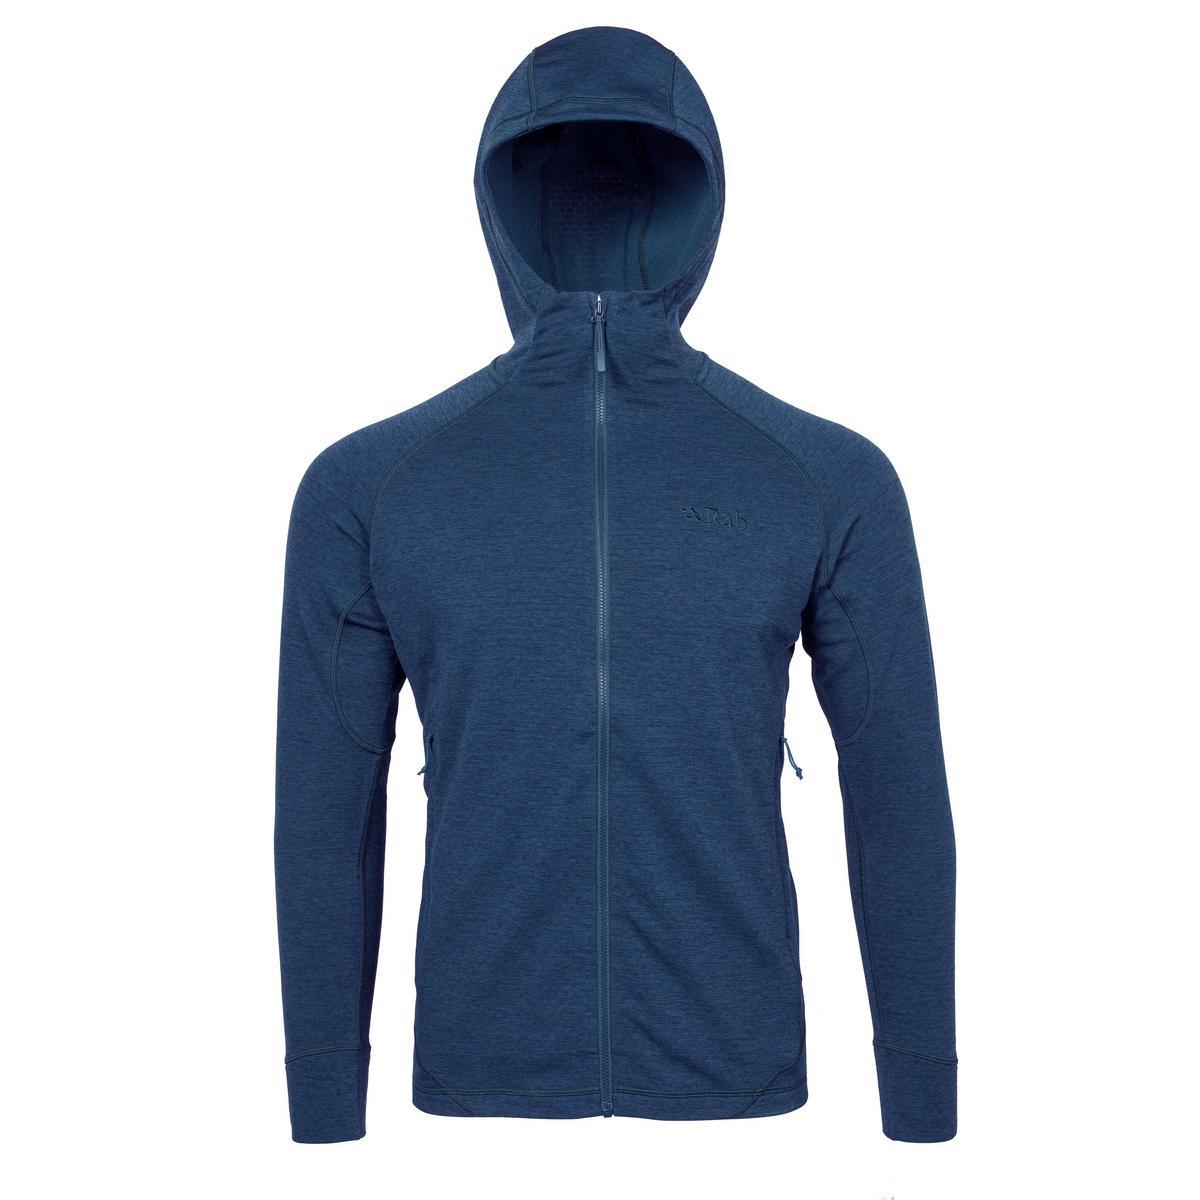 Rab Men's Nexus Hooded Jacket - Navy